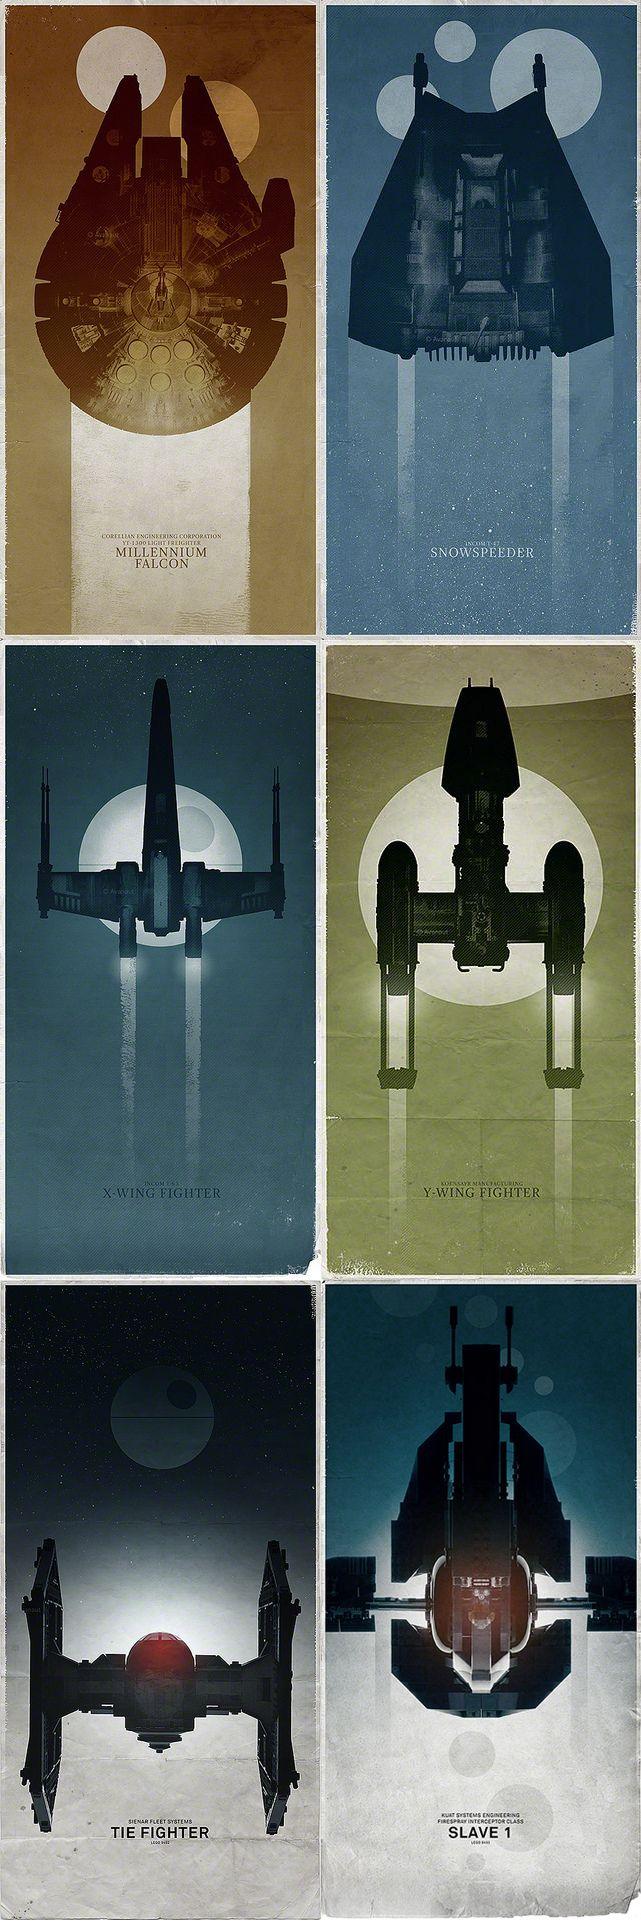 Star Wars Ships by Vesa Lehtimäki